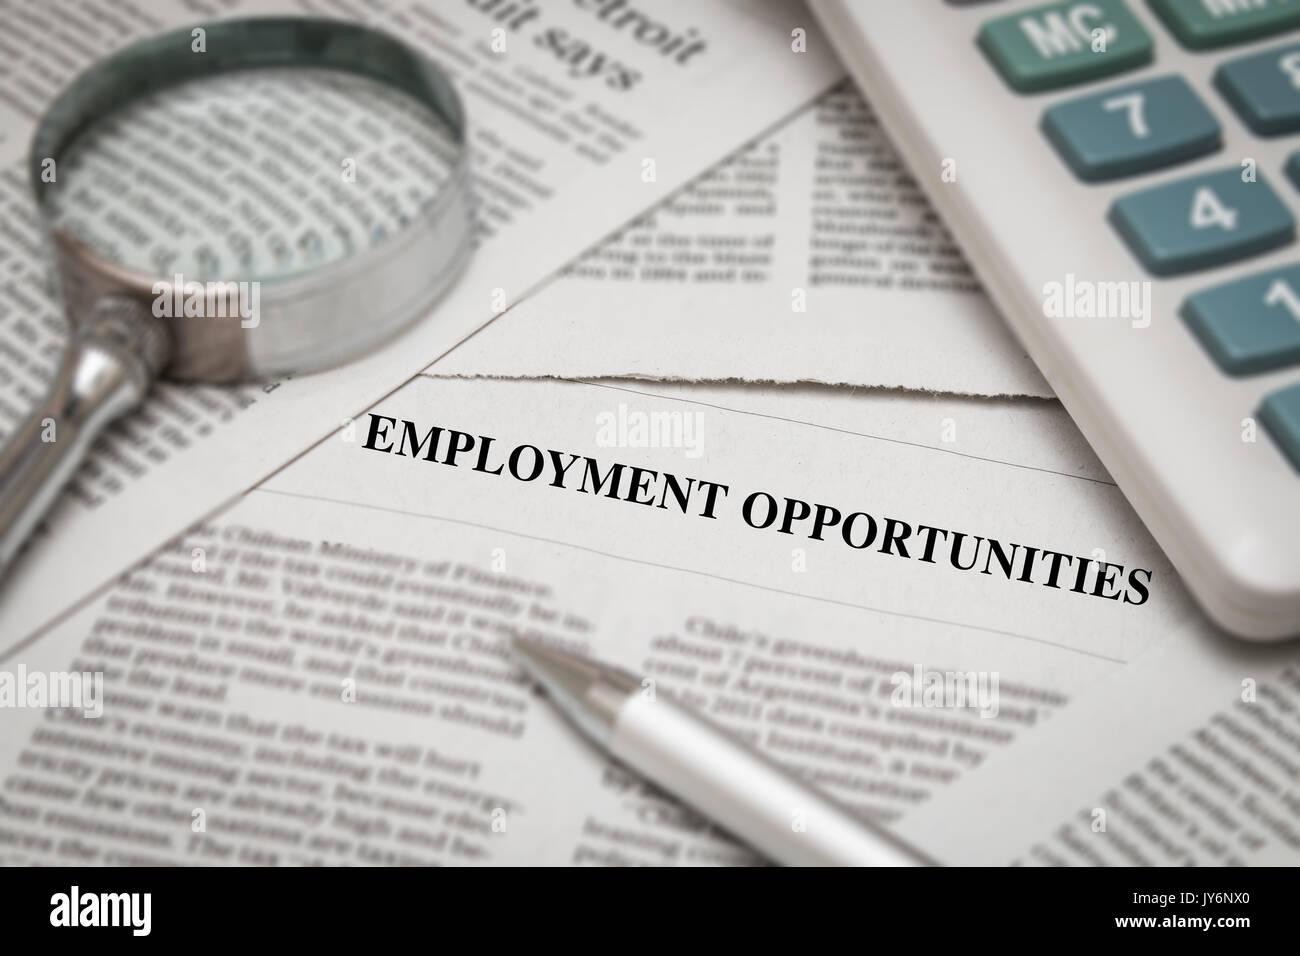 Employment Newspaper Opportunities Stock Photos